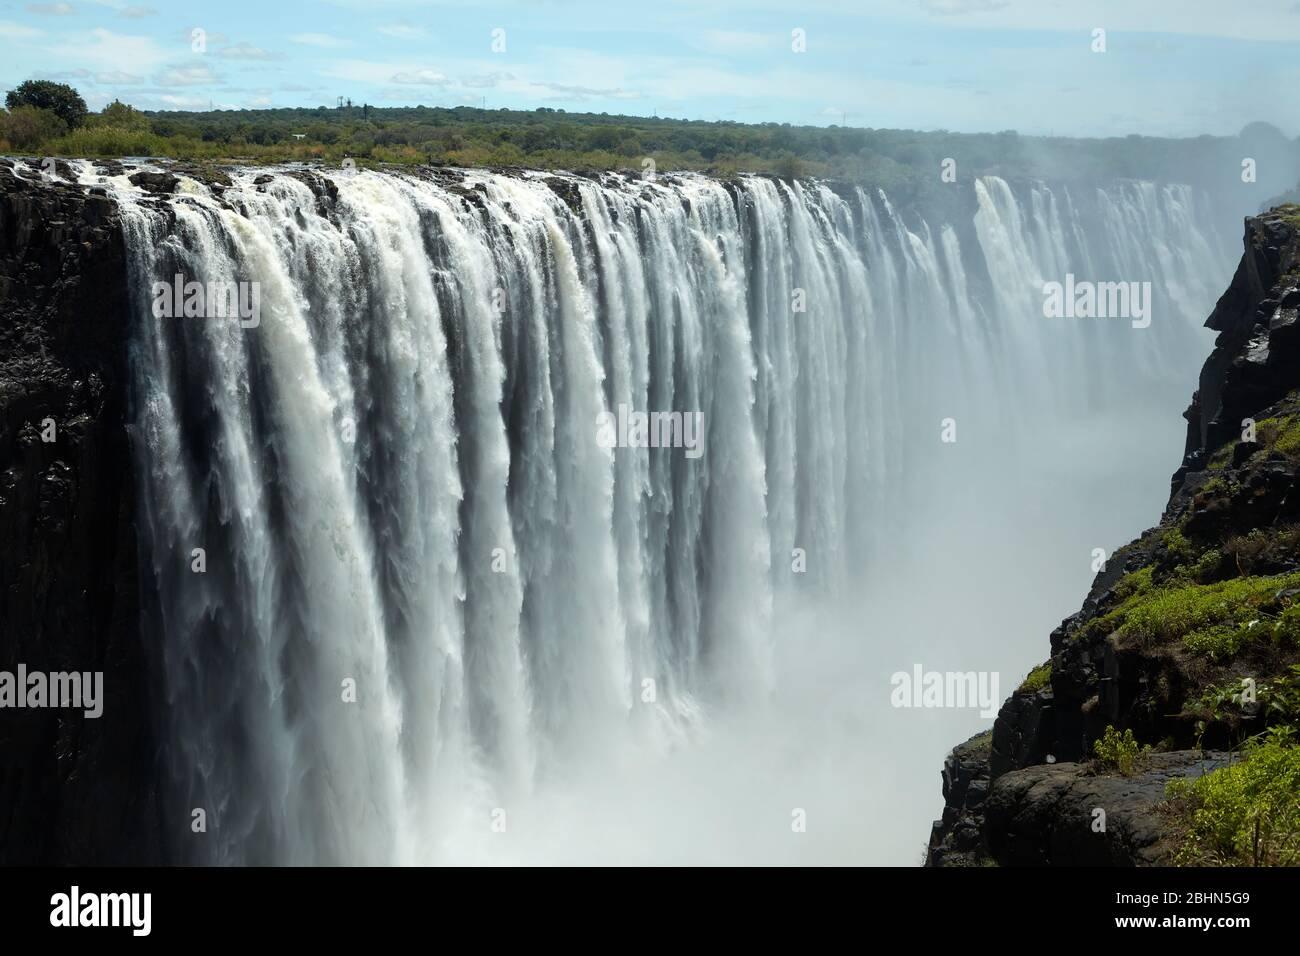 """Victoria Falls or """"Mosi-oa-Tunya"""" (The Smoke that Thunders), and Zambezi River, Zimbabwe / Zambia border, Southern Africa Stock Photo"""